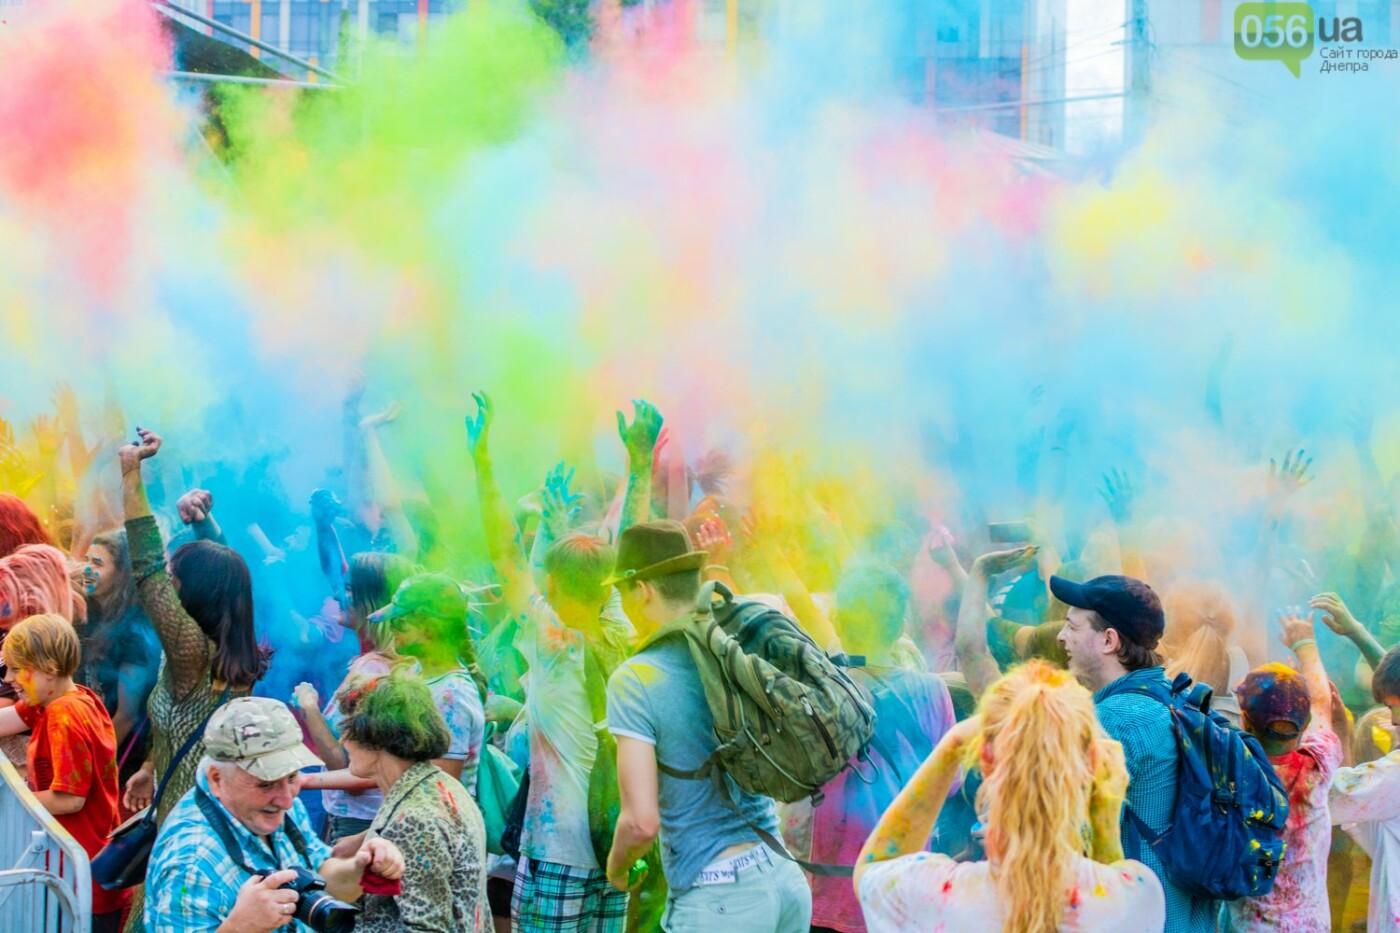 Фестиваль красок и свадьбы: как в Днепре прошел День молодежи, - ФОТОРЕПОРТАЖ, ВИДЕО, фото-11